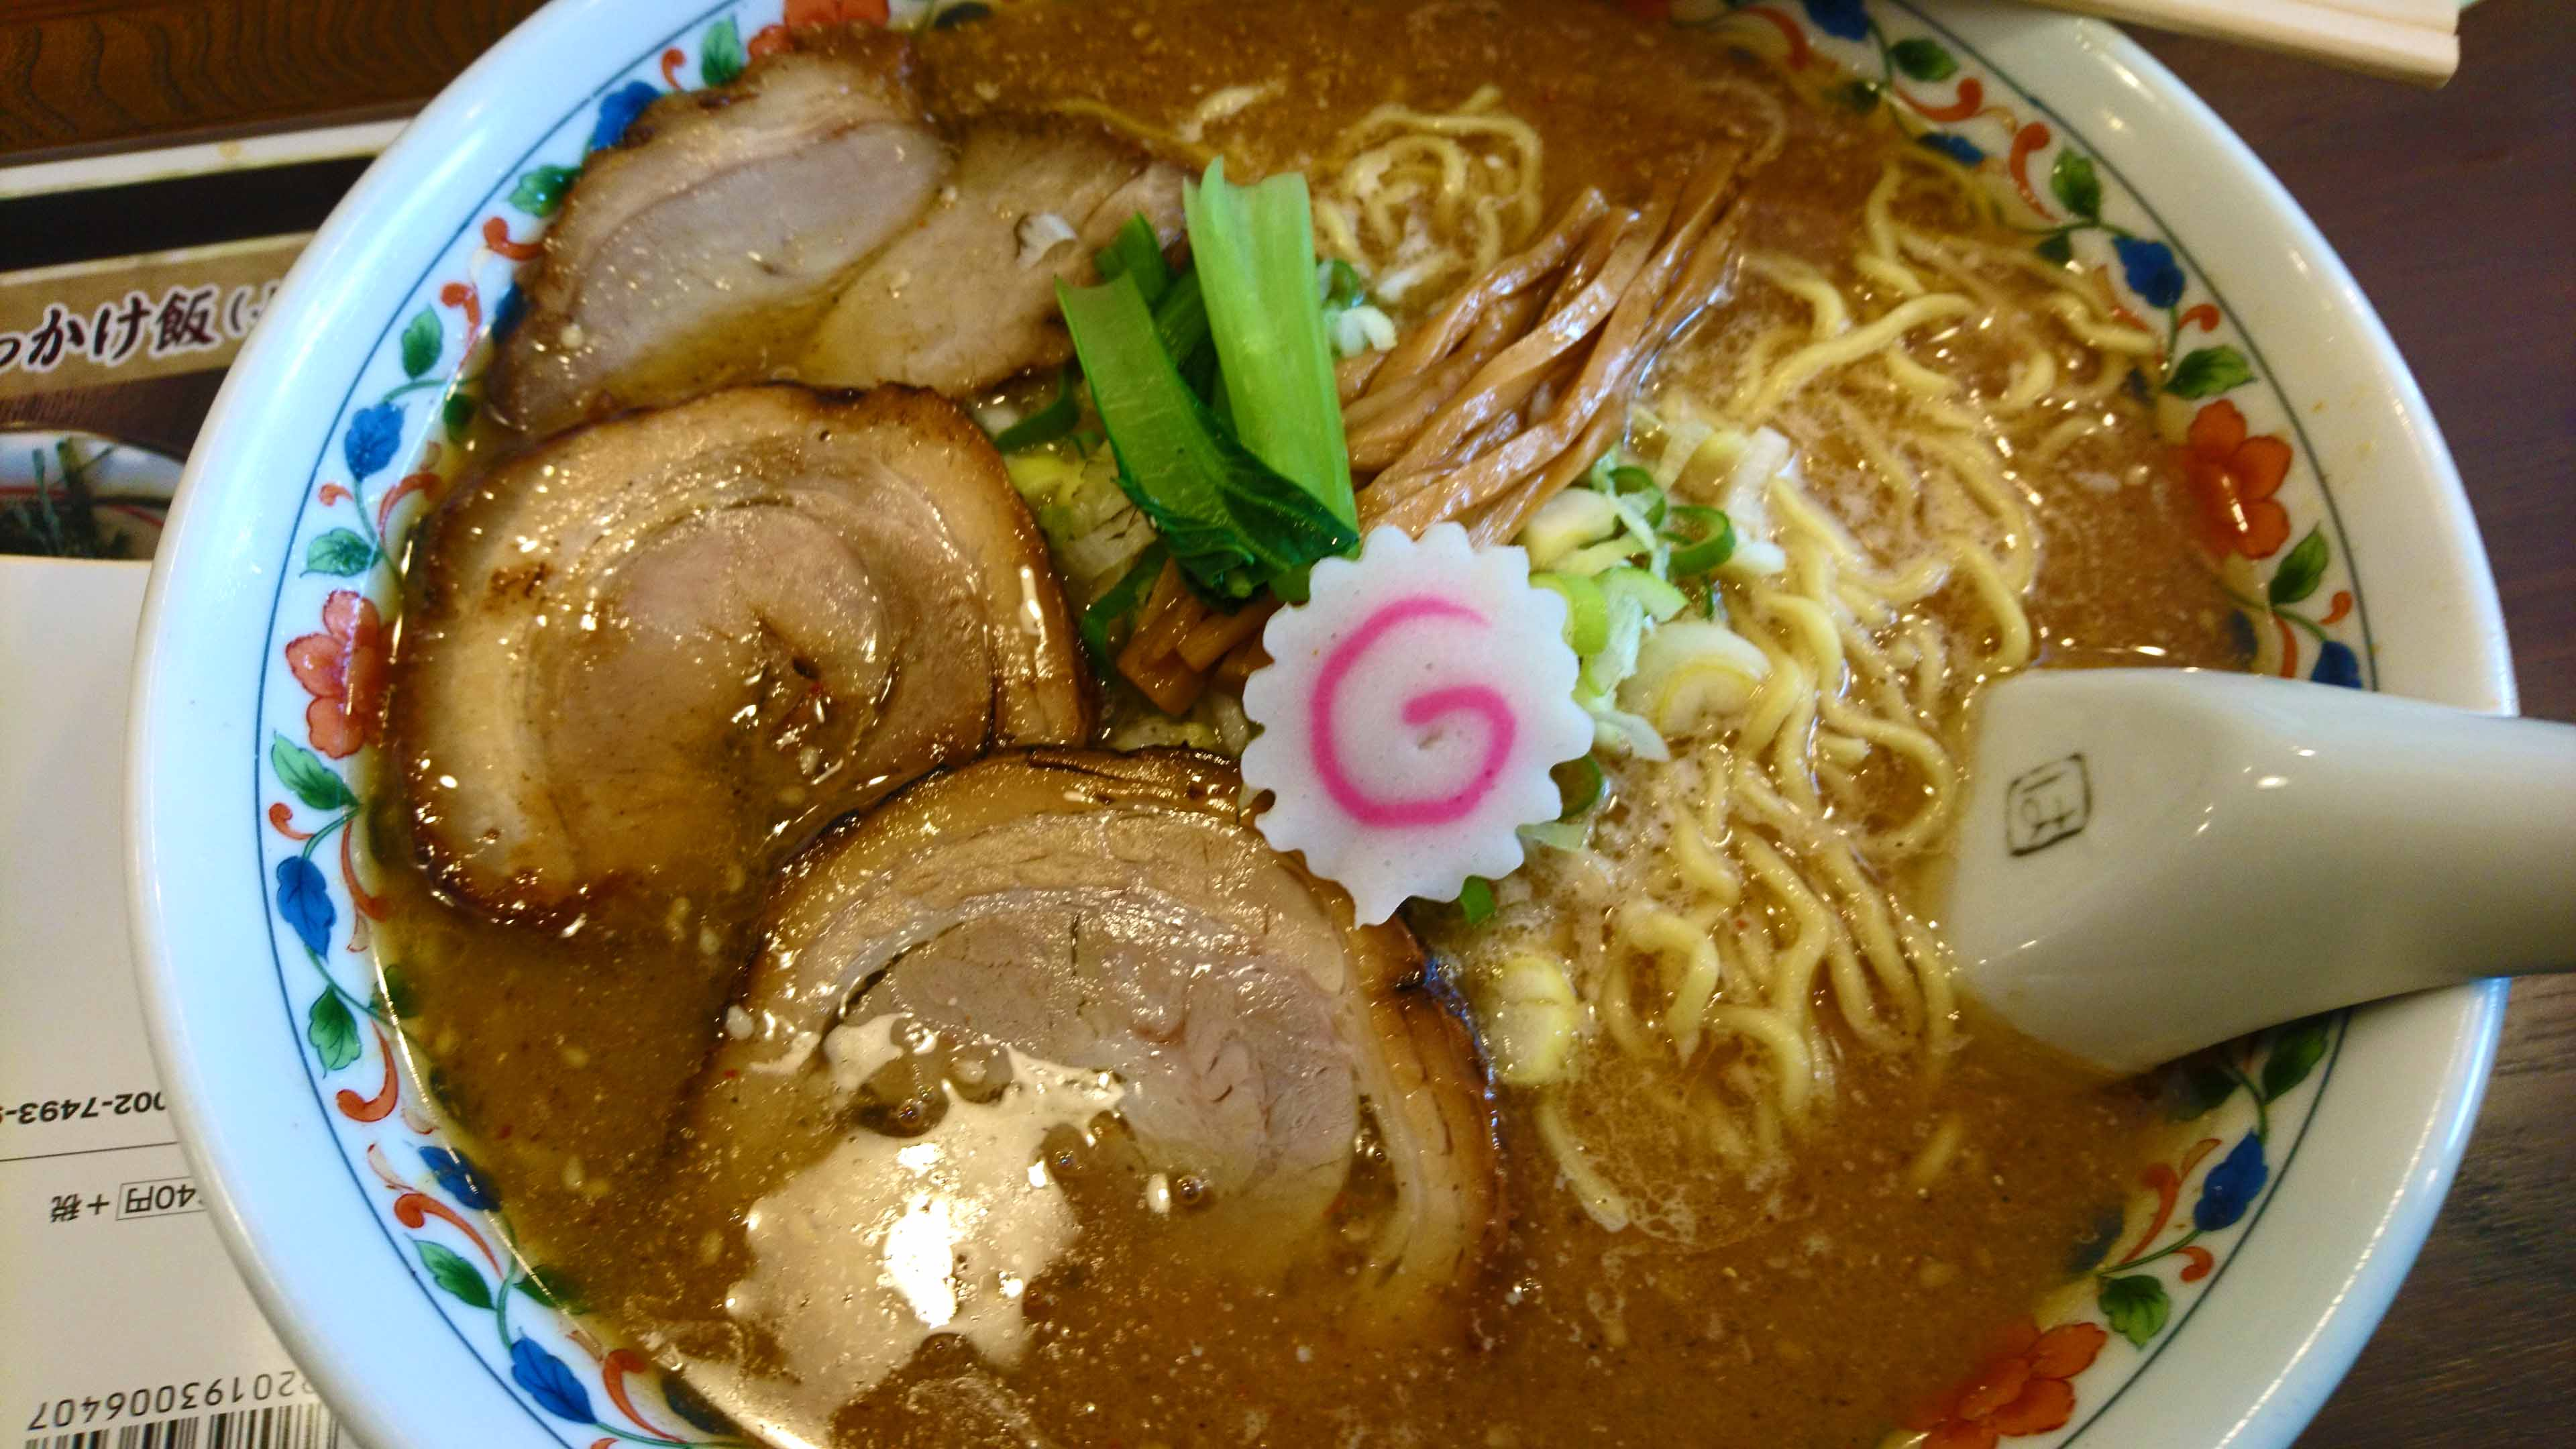 【北海道・十勝】ついに念願の「らぁめん とん平」に行ったよ♪ ~評判通りの美味しさ!リピート必須です~